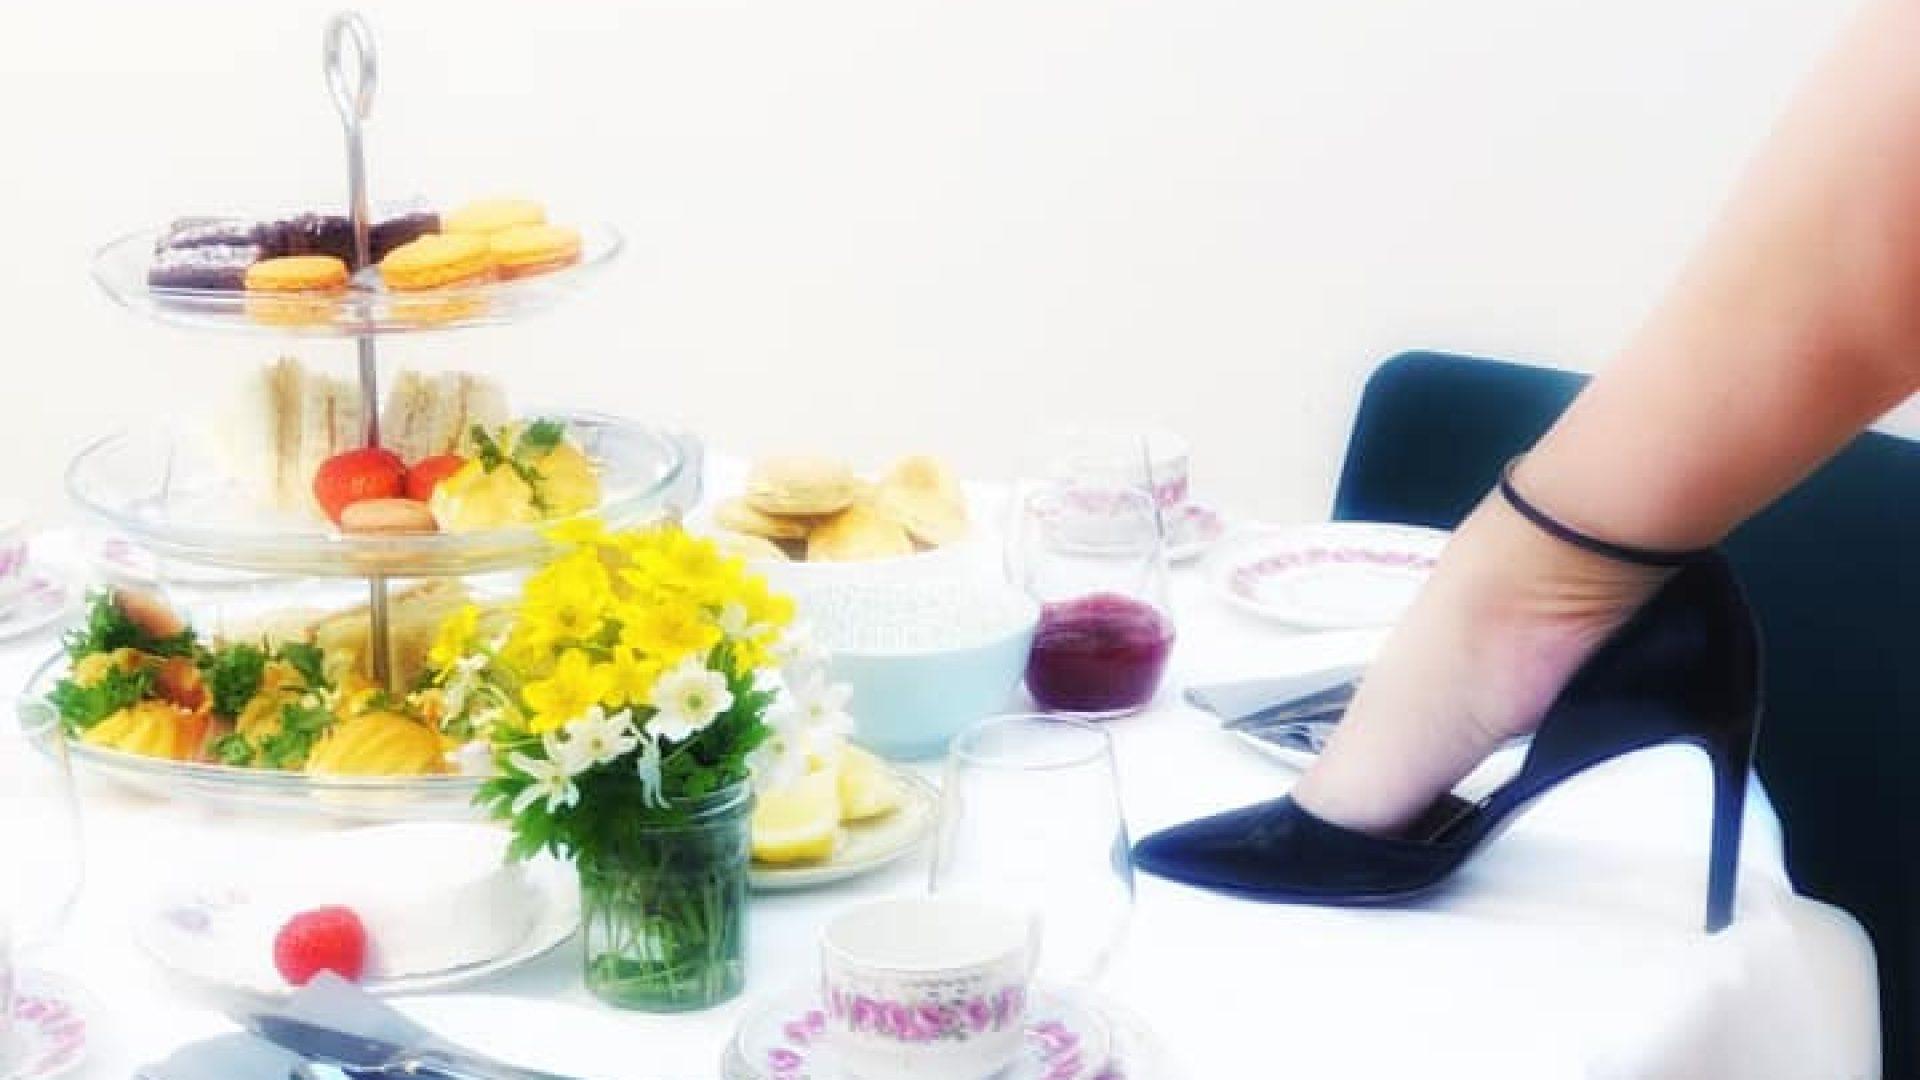 Et bord fylt med kaker, søtt og tea